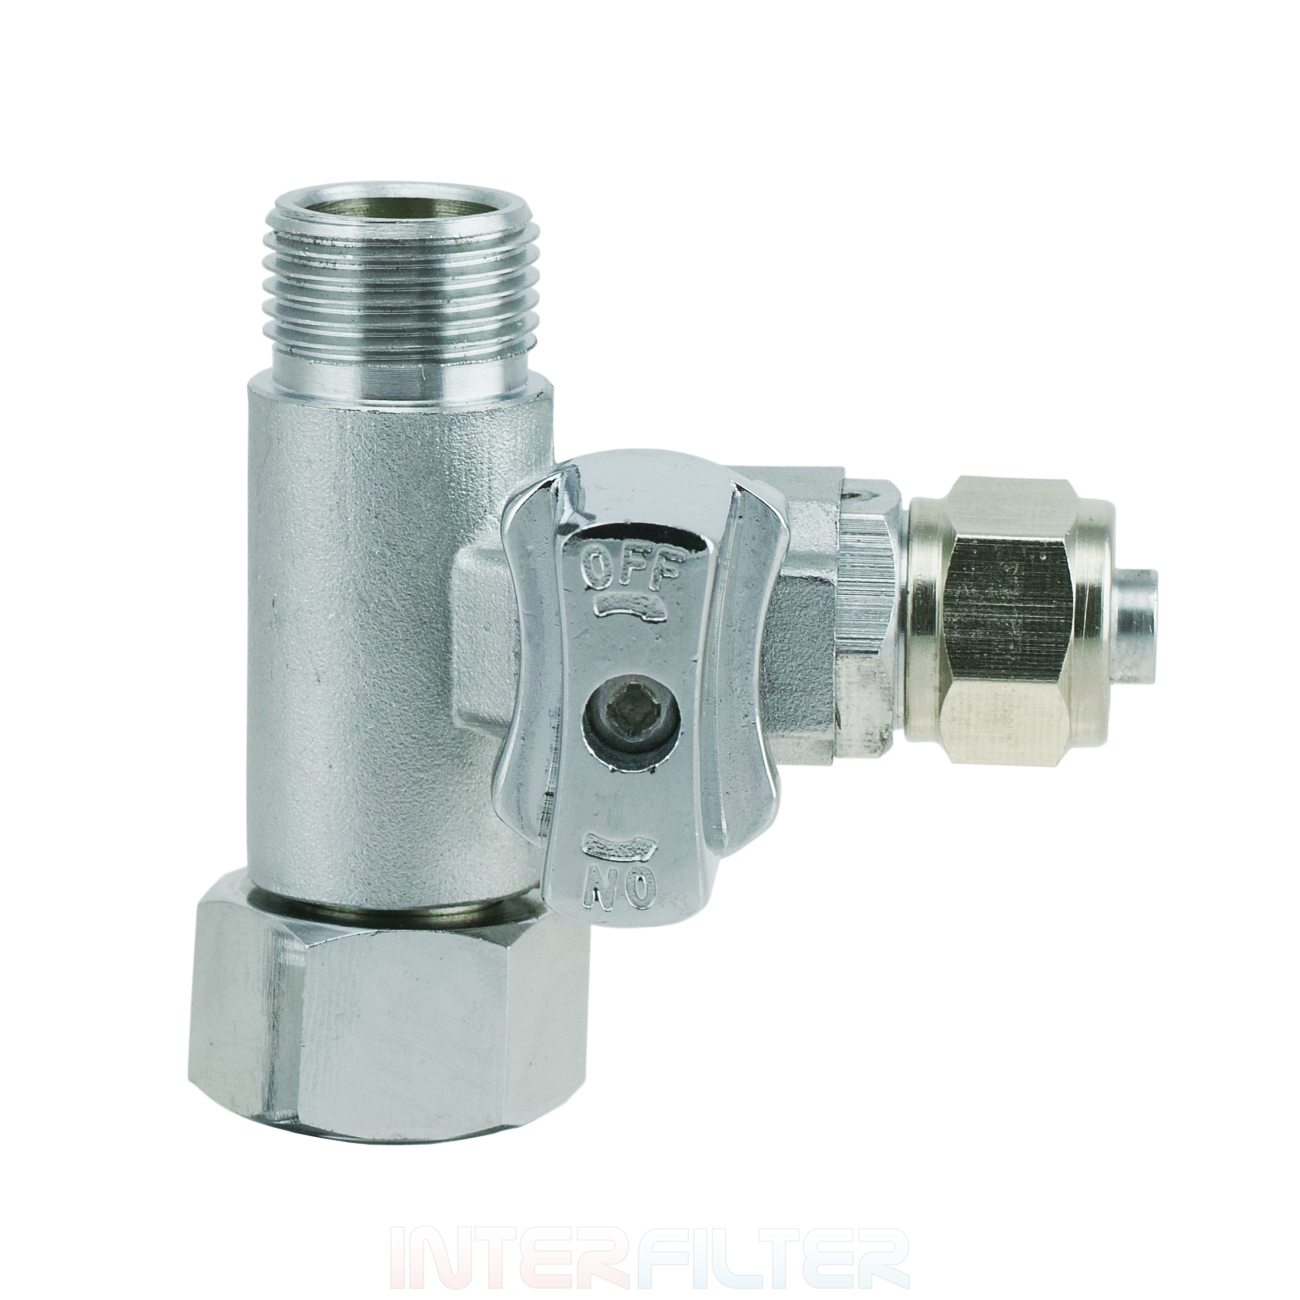 Wasseranschluss T Stuck 3 8 Ig X 3 8 Ag X 3 8 Abzweig Jaco